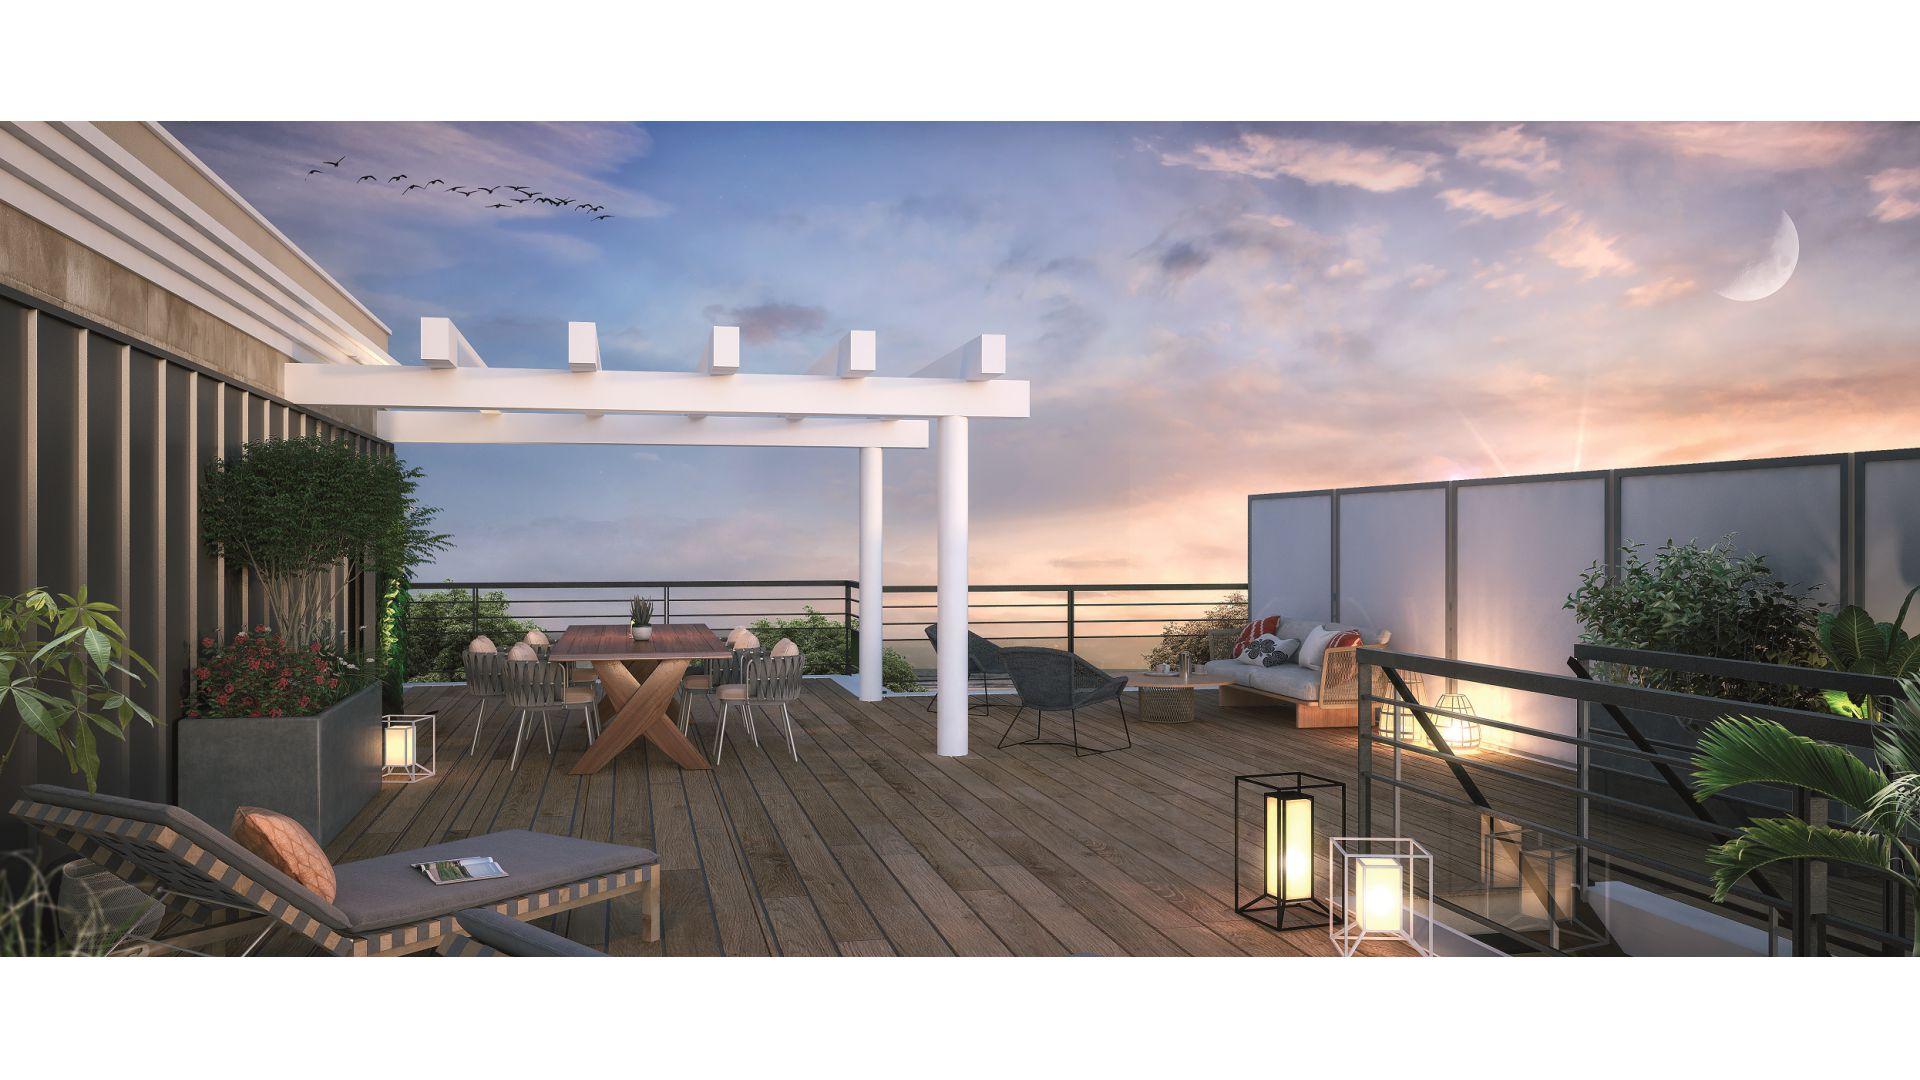 Greencity Immobilier - Résidence Le 26 Saint-Louis - 94100 Saint-Maur les Fossés - appartements neufs du T2 au T4 - vue terrasse